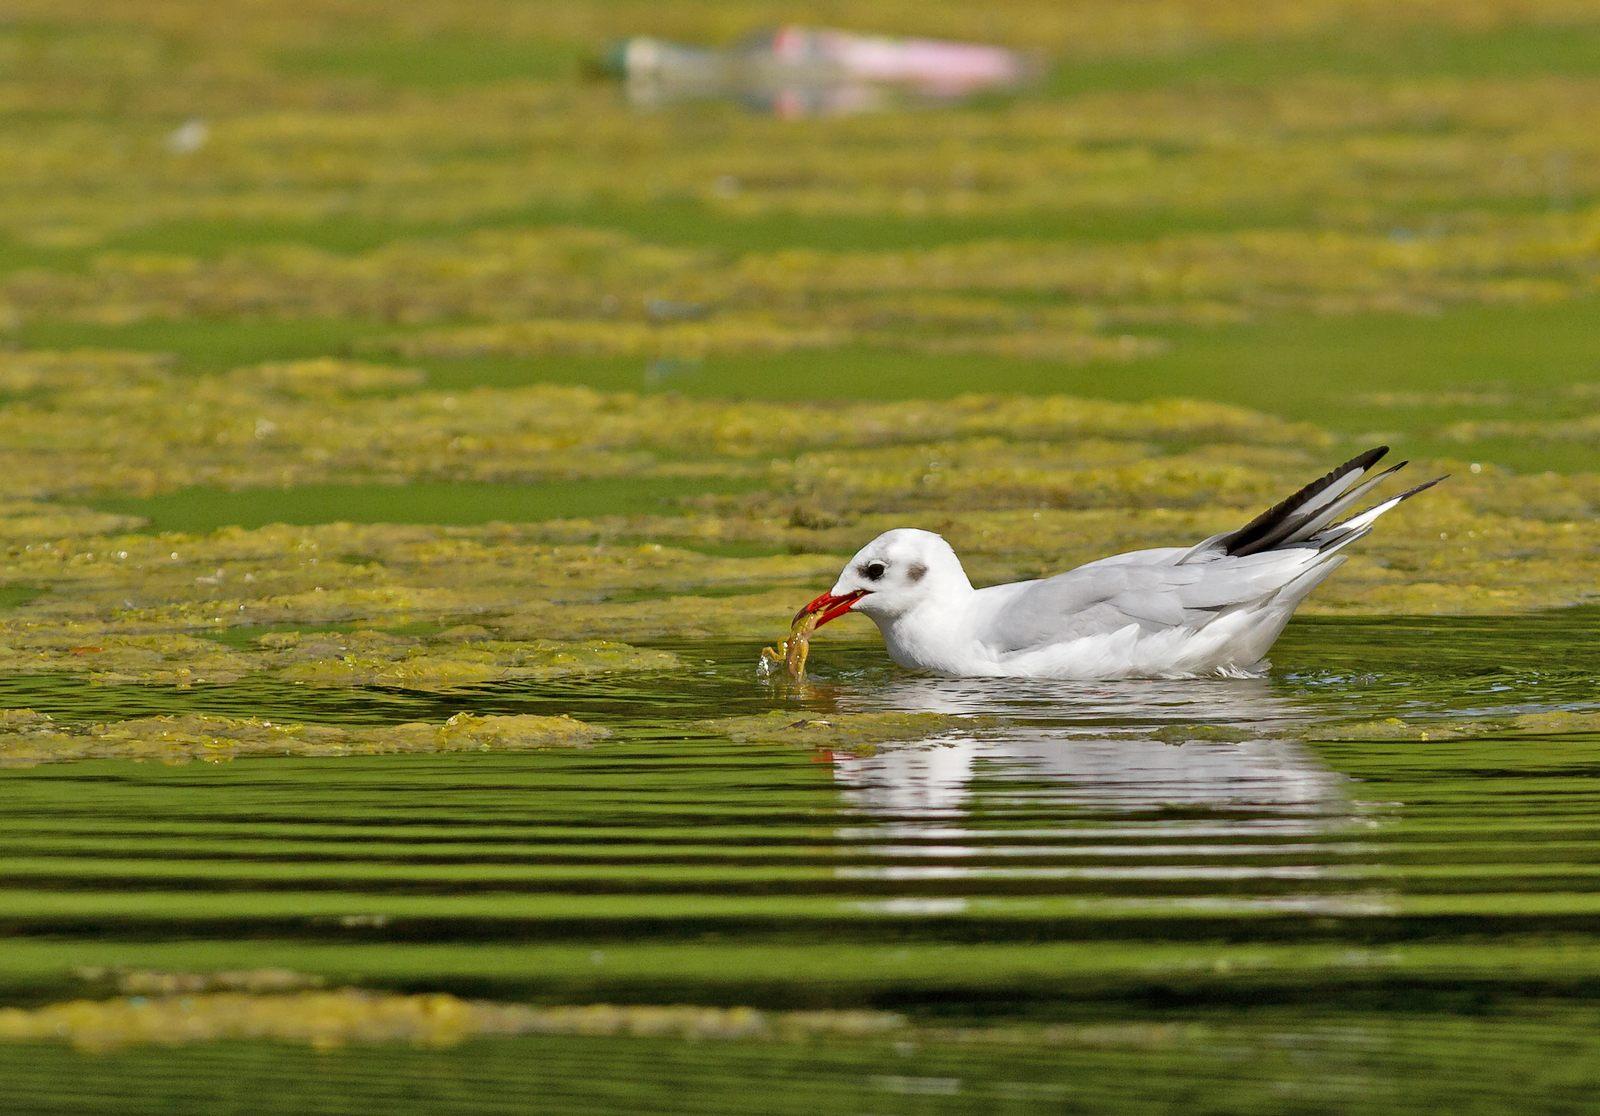 Pêche aux étangs de Tervuren (photos) 1208170417185685110218808